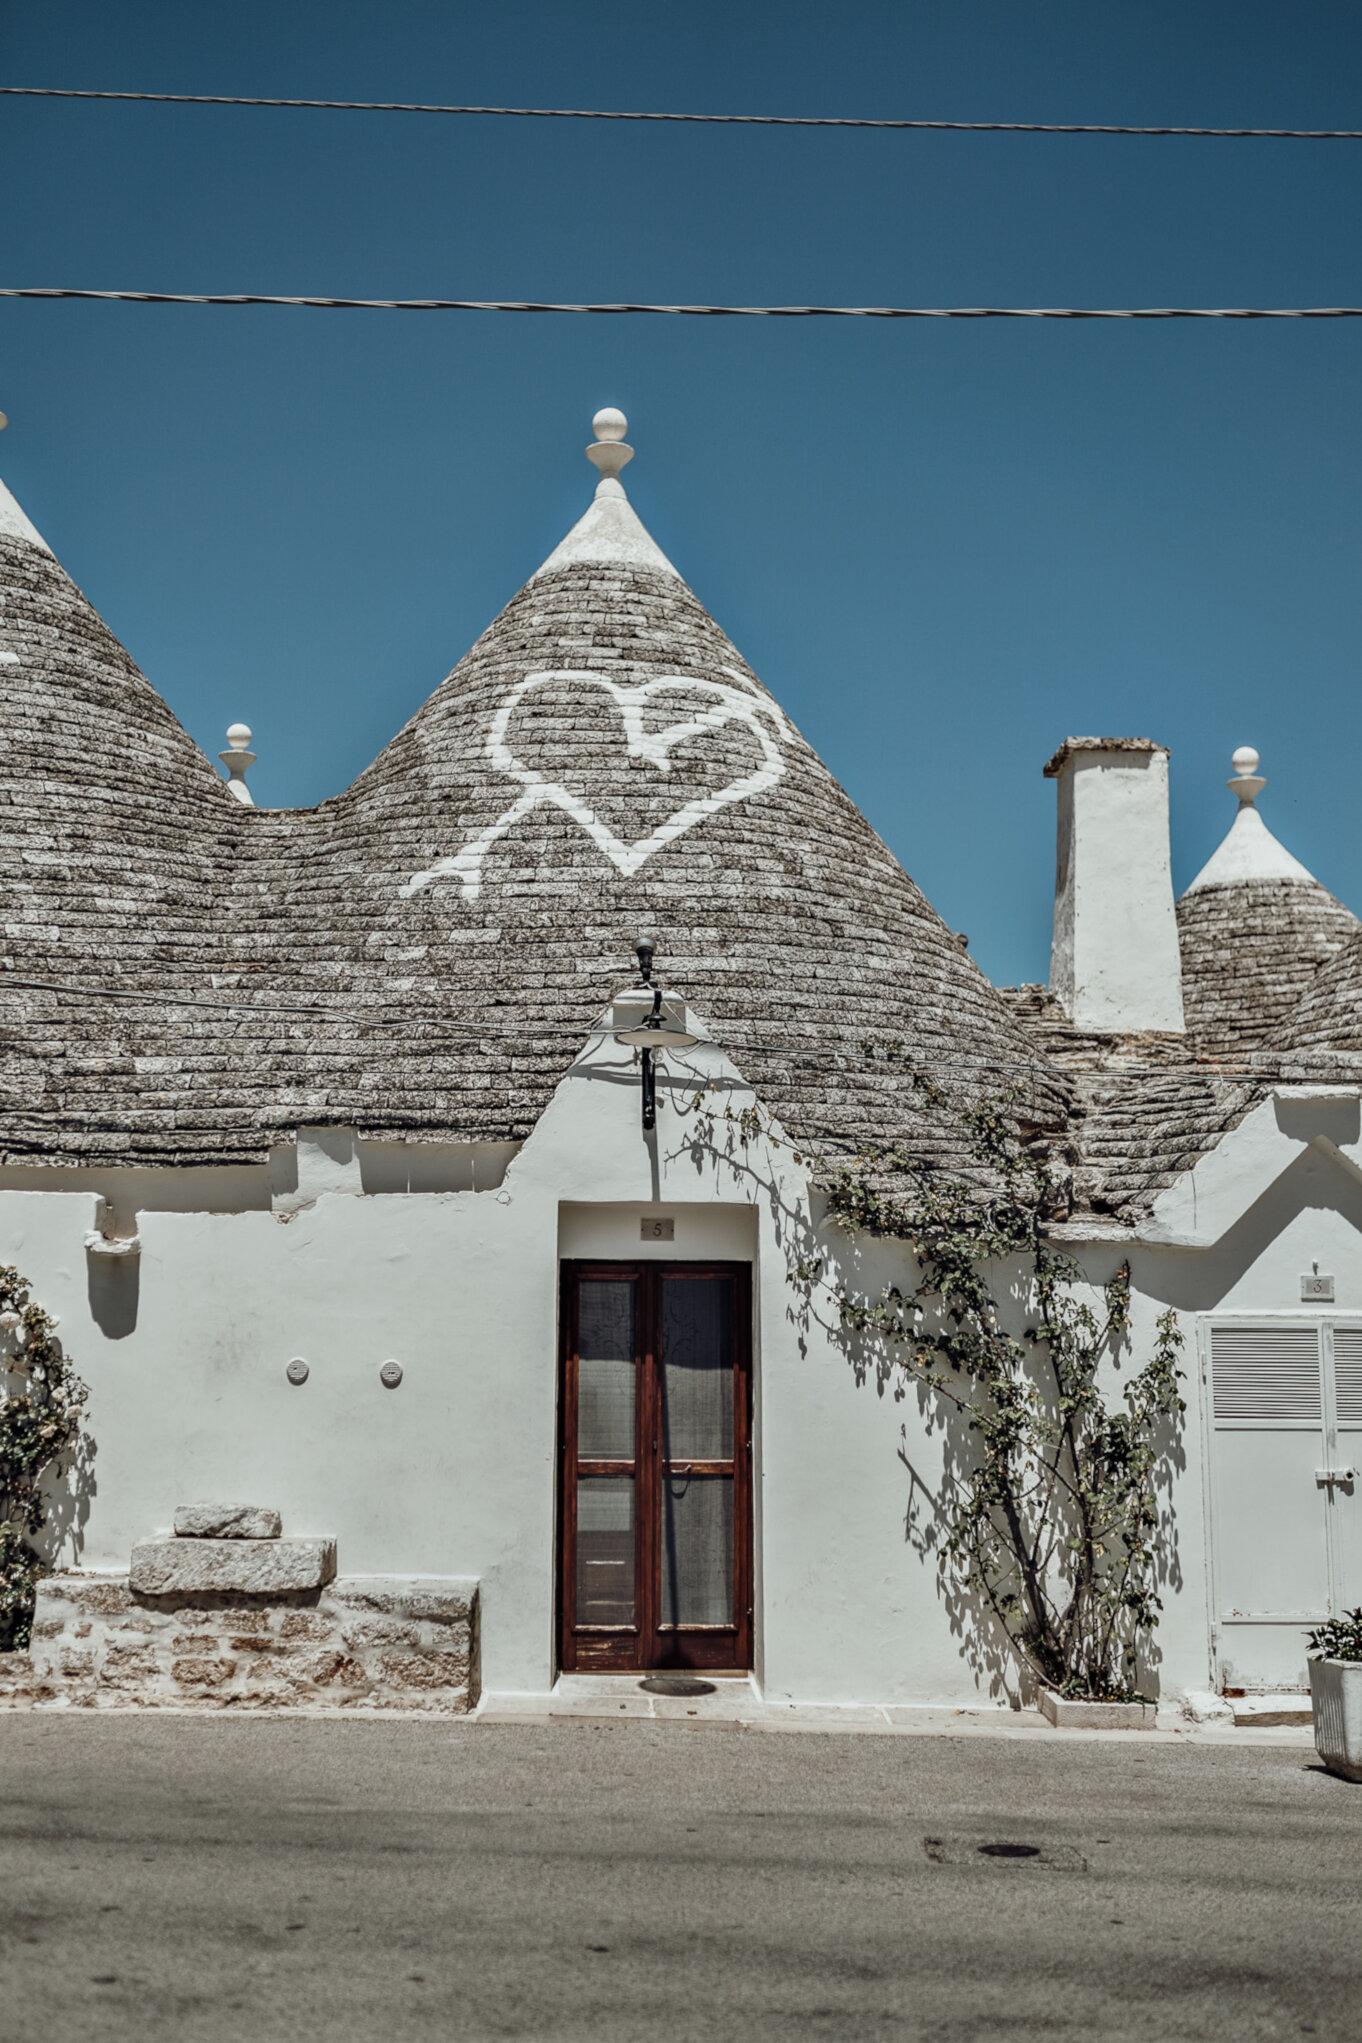 Domek trulli z symbolem serca przeszytego strzałą na dachu